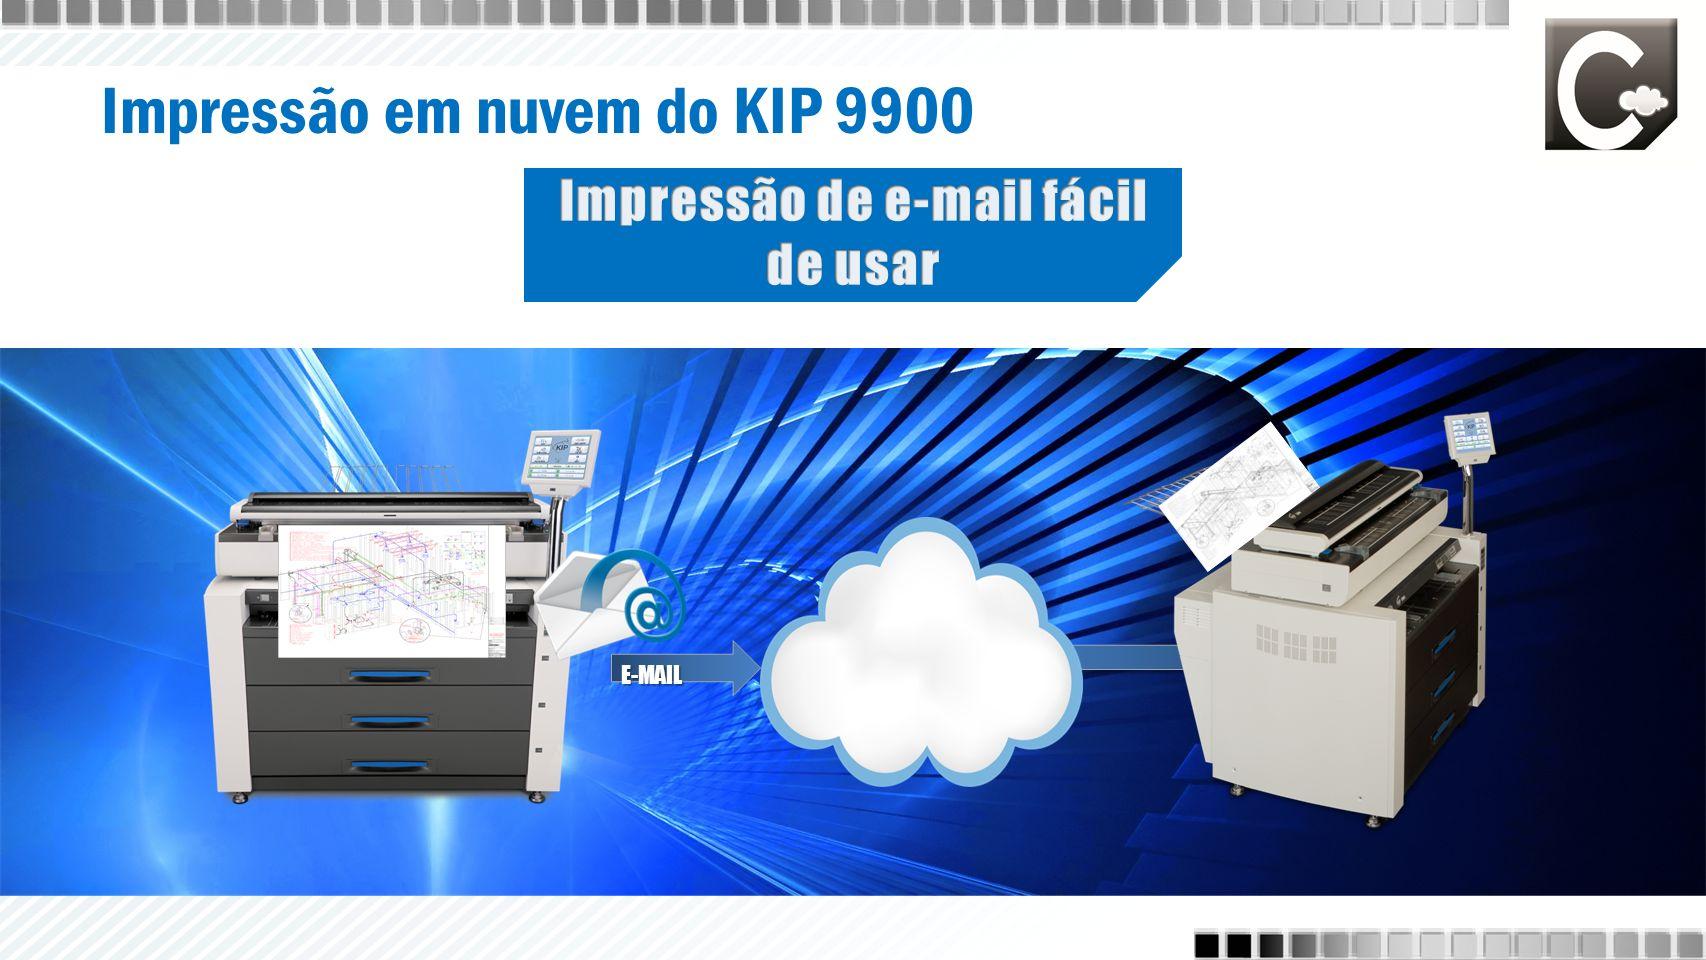 Impressão em nuvem do KIP 9900 E-MAIL